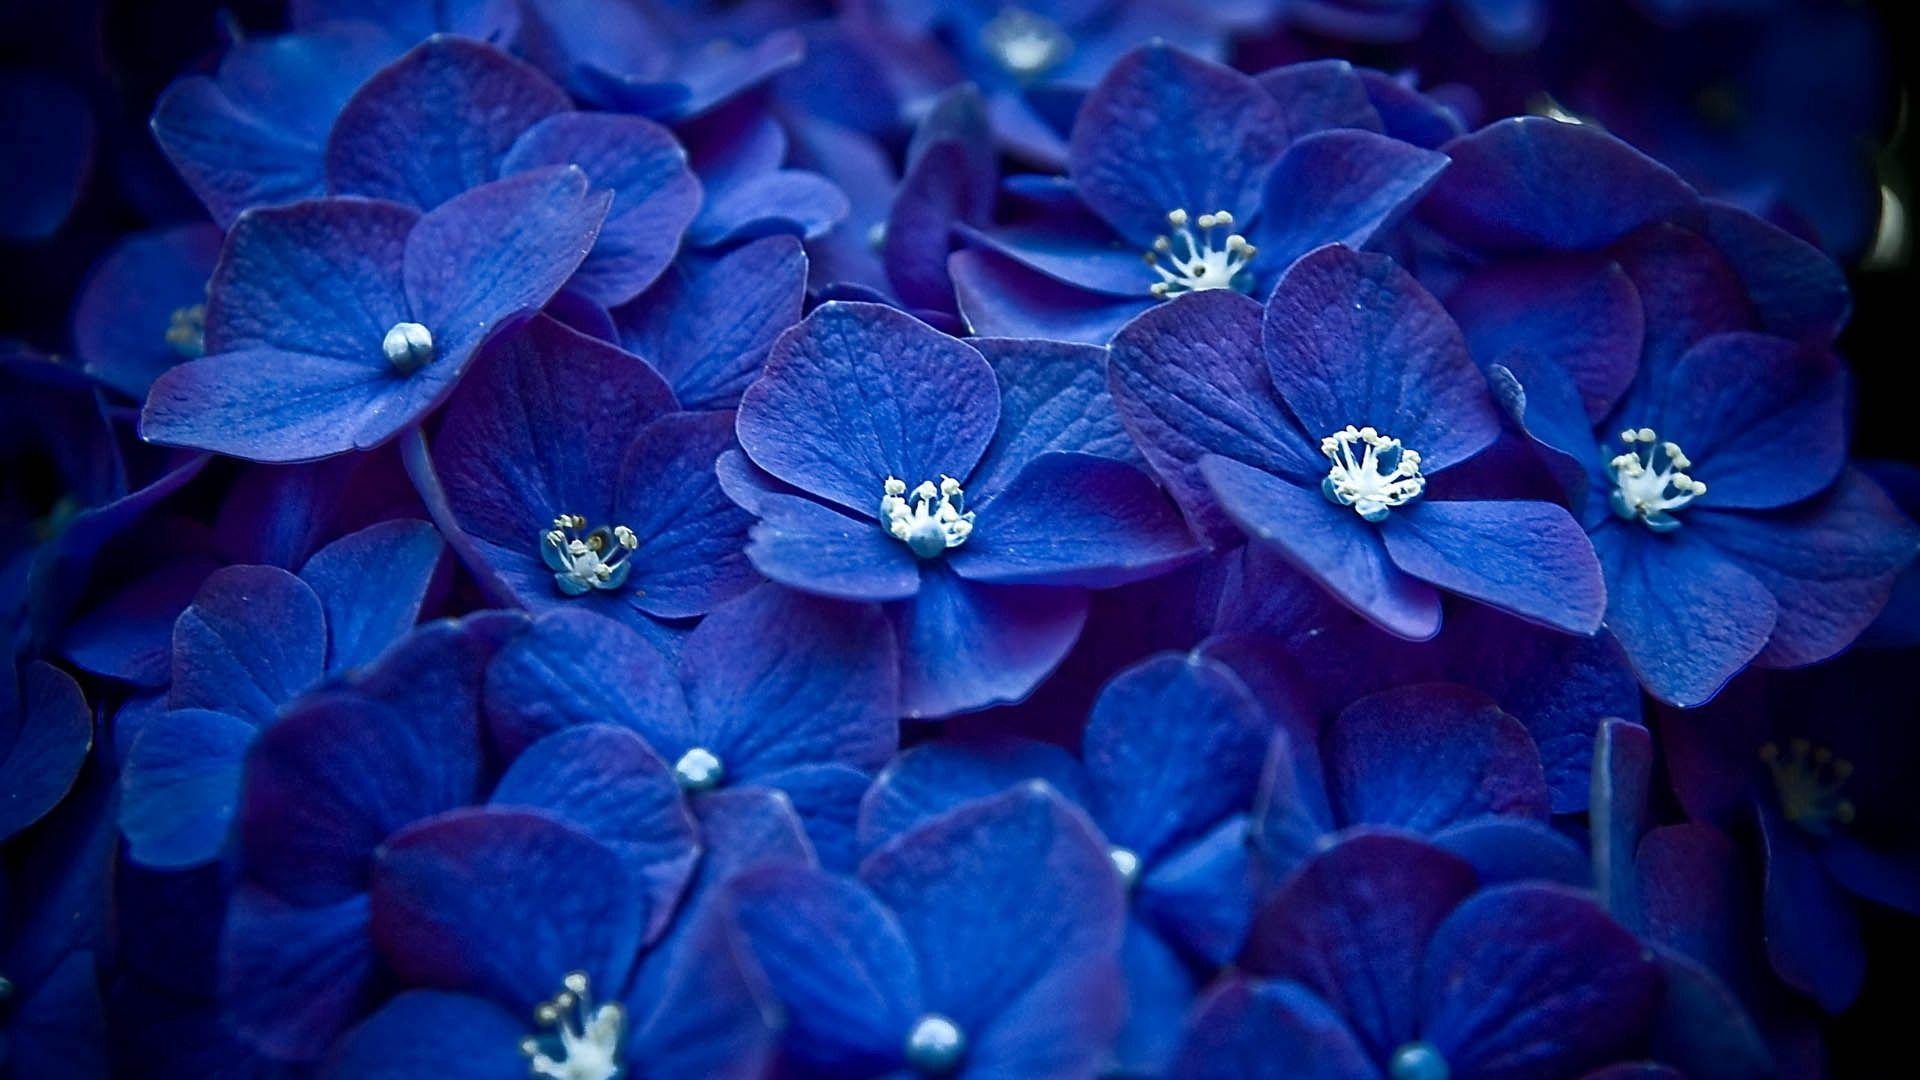 141314 завантажити шпалери Квіти, Пелюстки, Синій - заставки і картинки безкоштовно